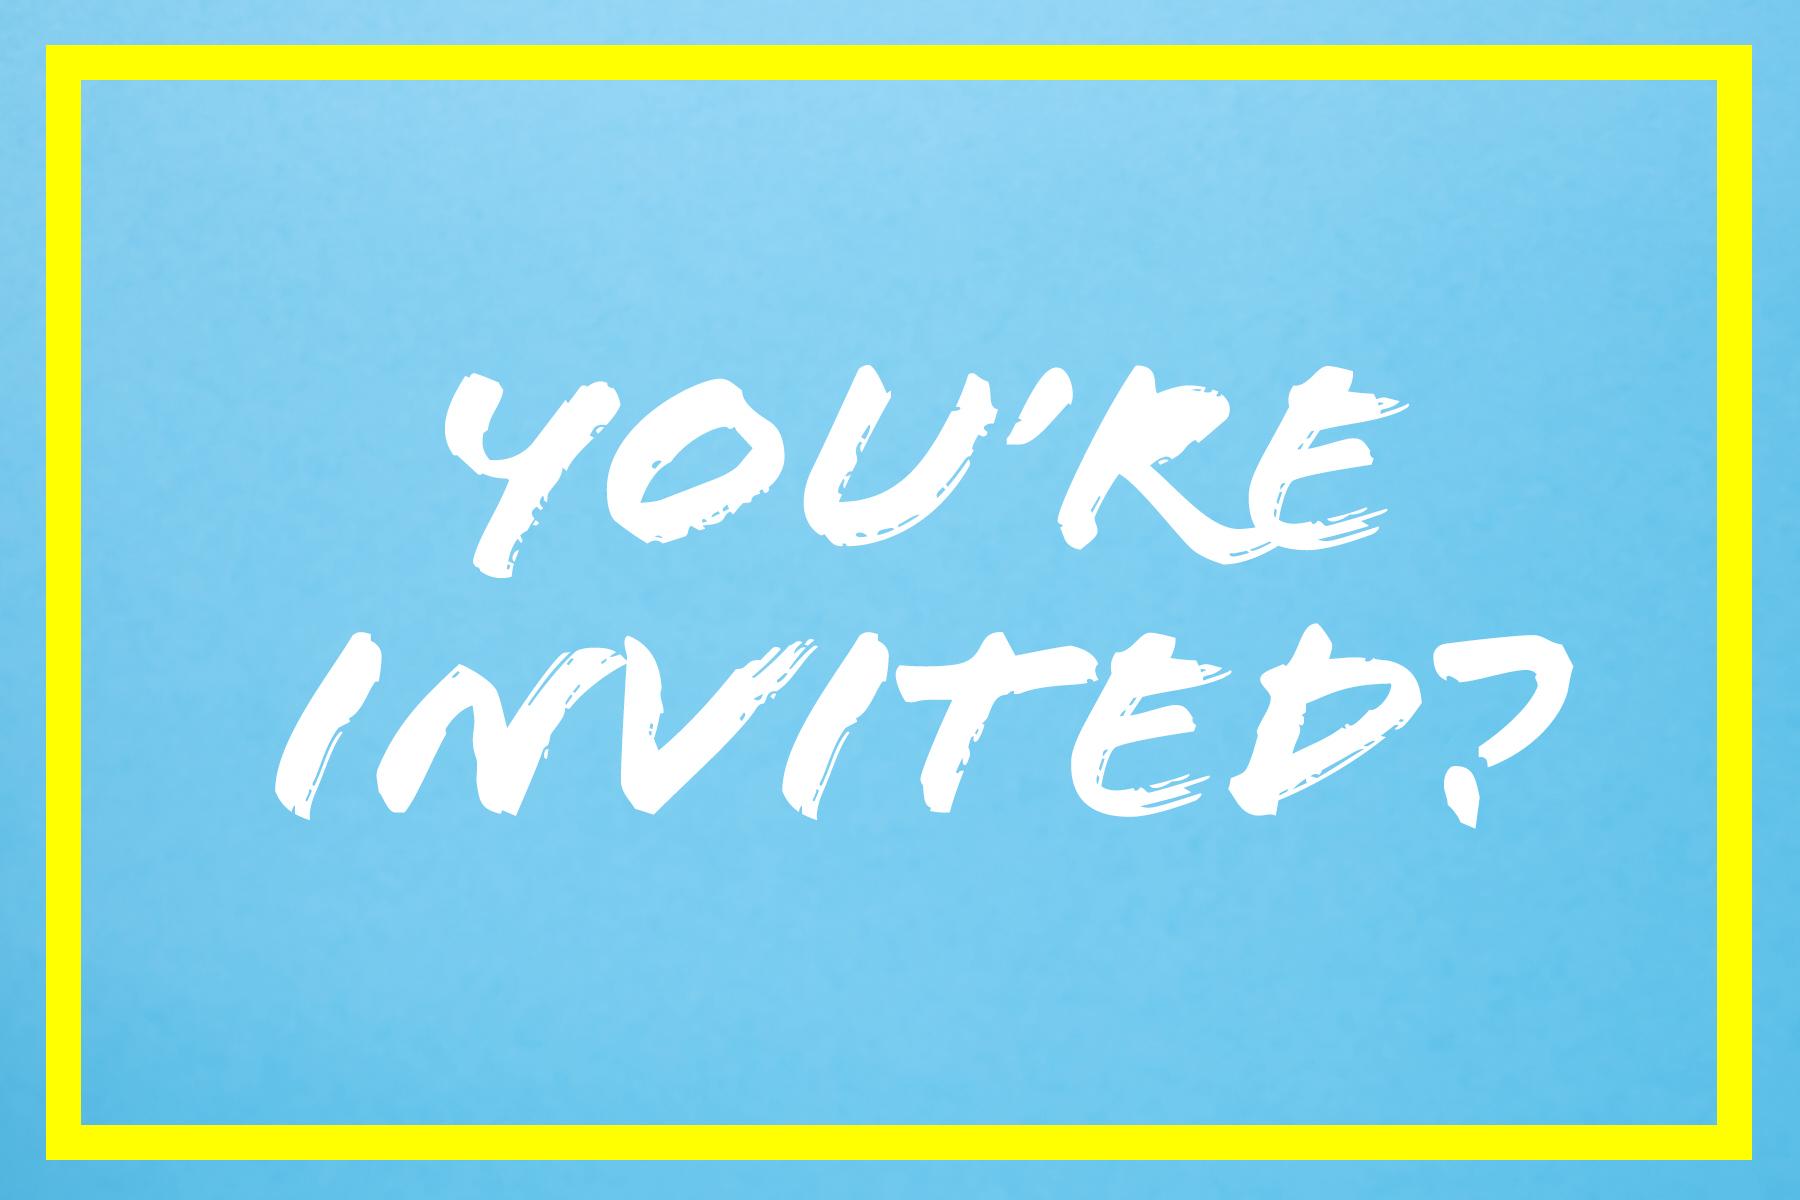 Fest(e) feiern: Wen man einladen sollte!